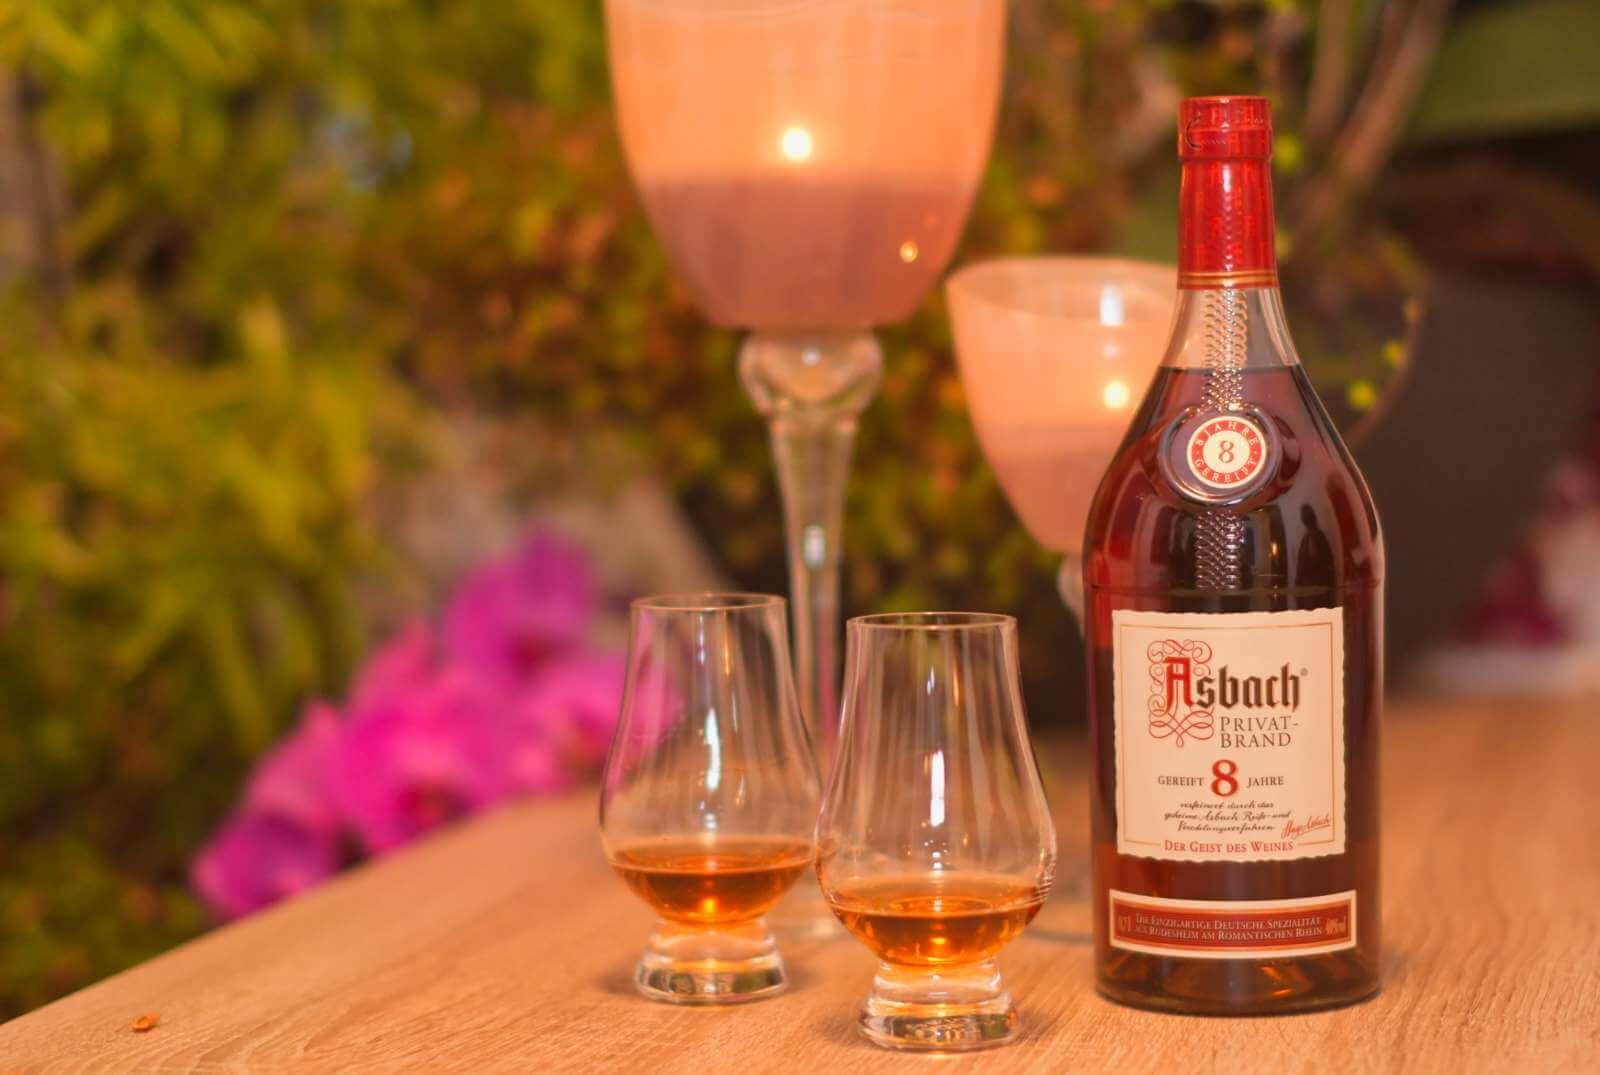 Asbach Privatbrand Weinbrnad - 8 Jahre gereift